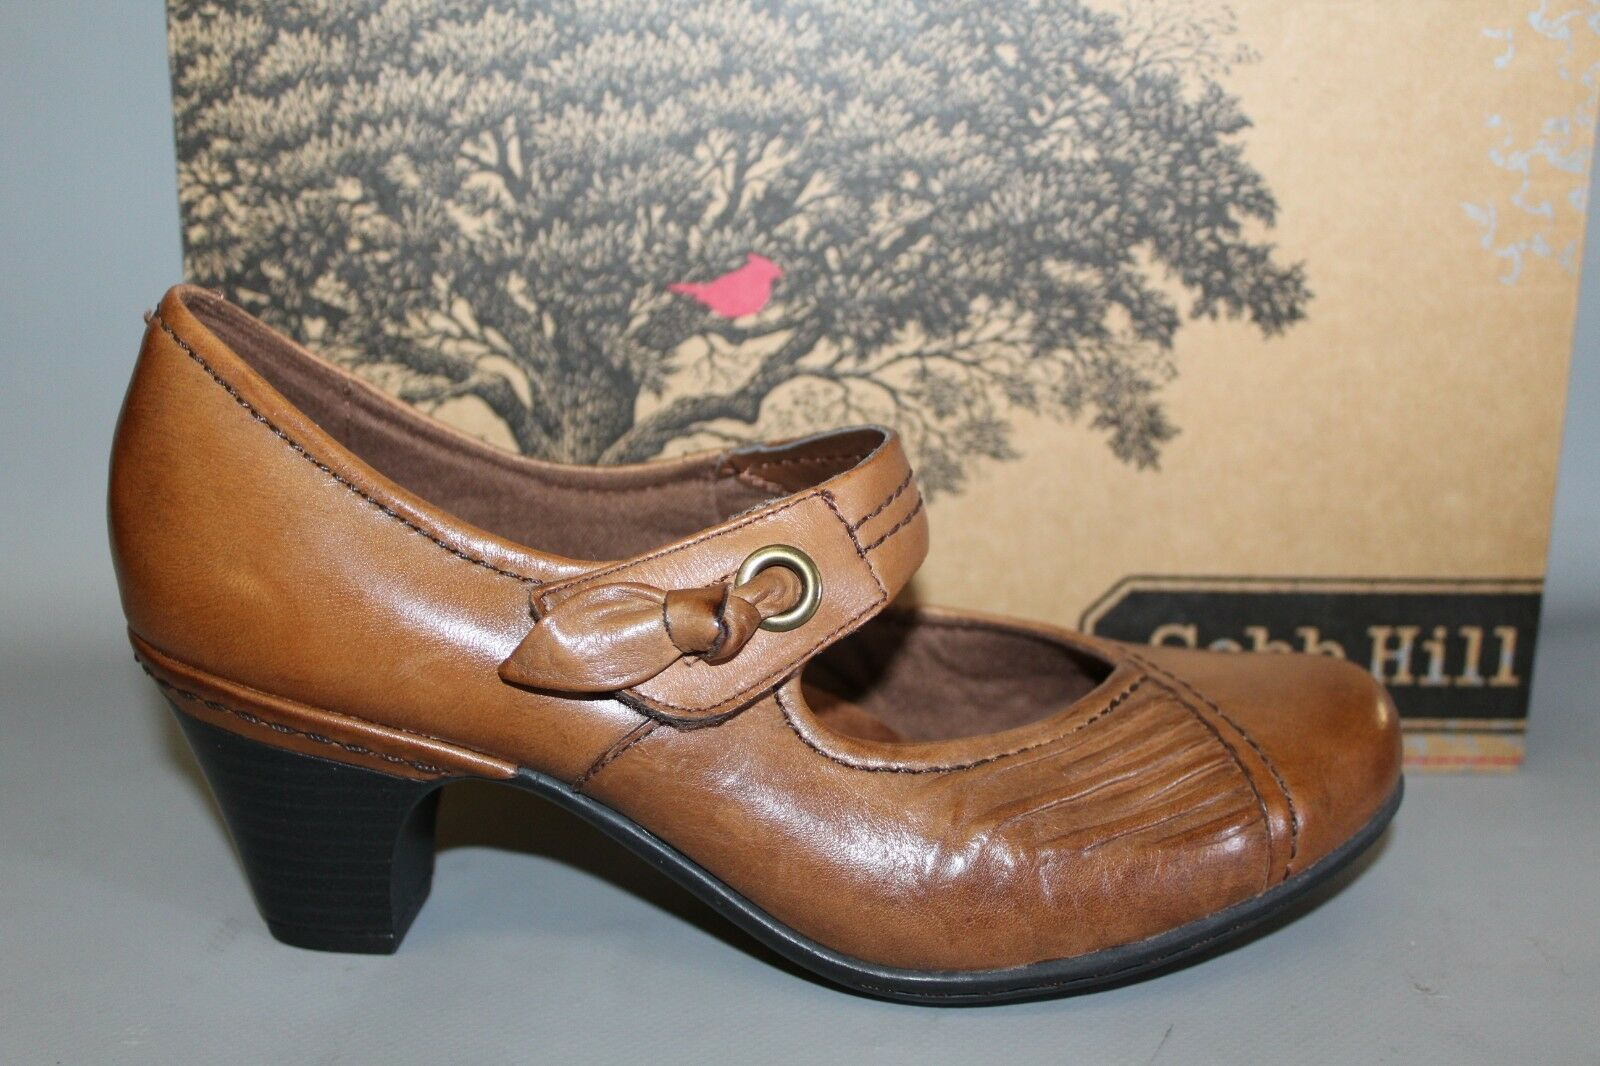 New Wouomo Cobb Hill Sadie  Tan Leather Comfortable Accessori Scarpe  miglior servizio